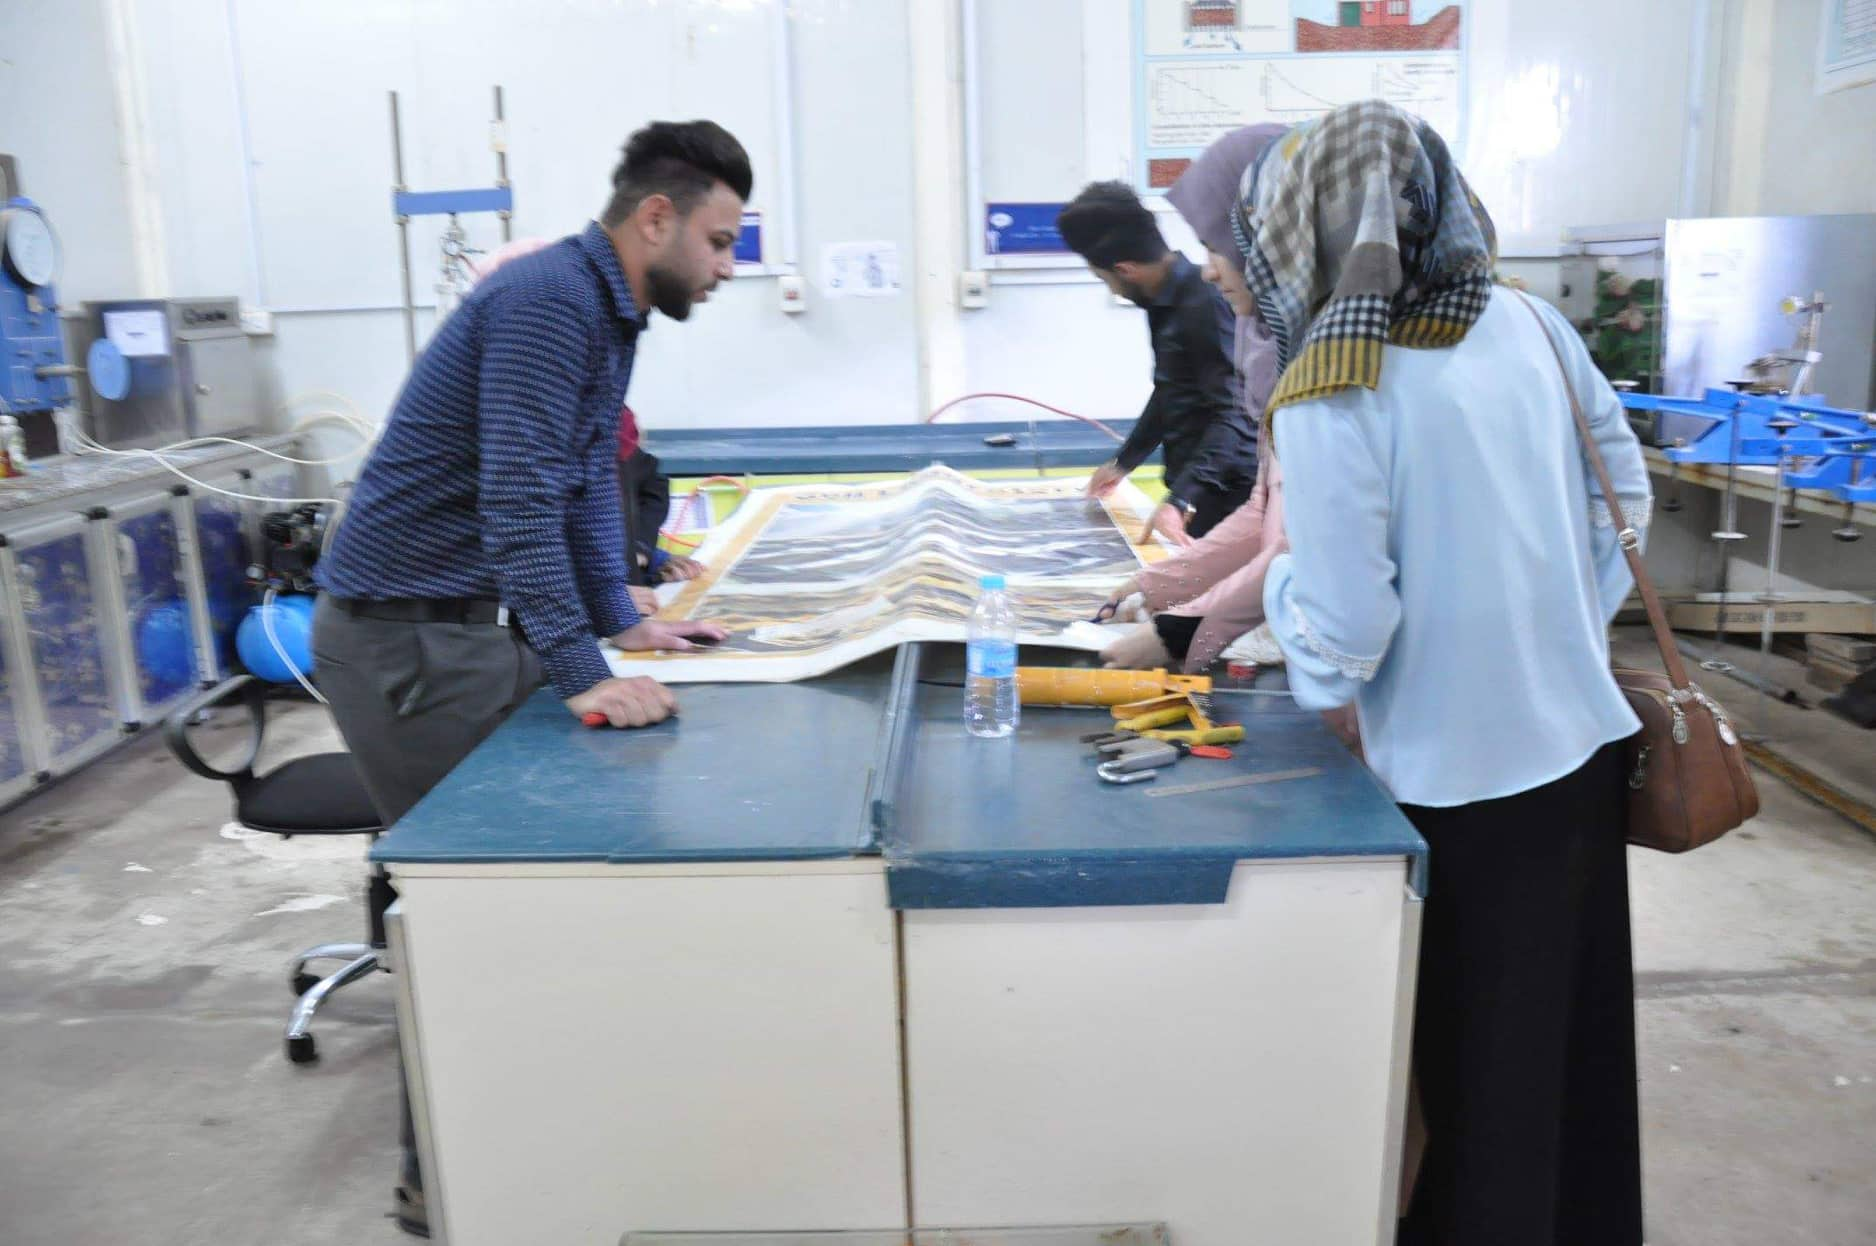 انطلاق حملة تطوعية في مختبرات قسم الهندسة المدنية